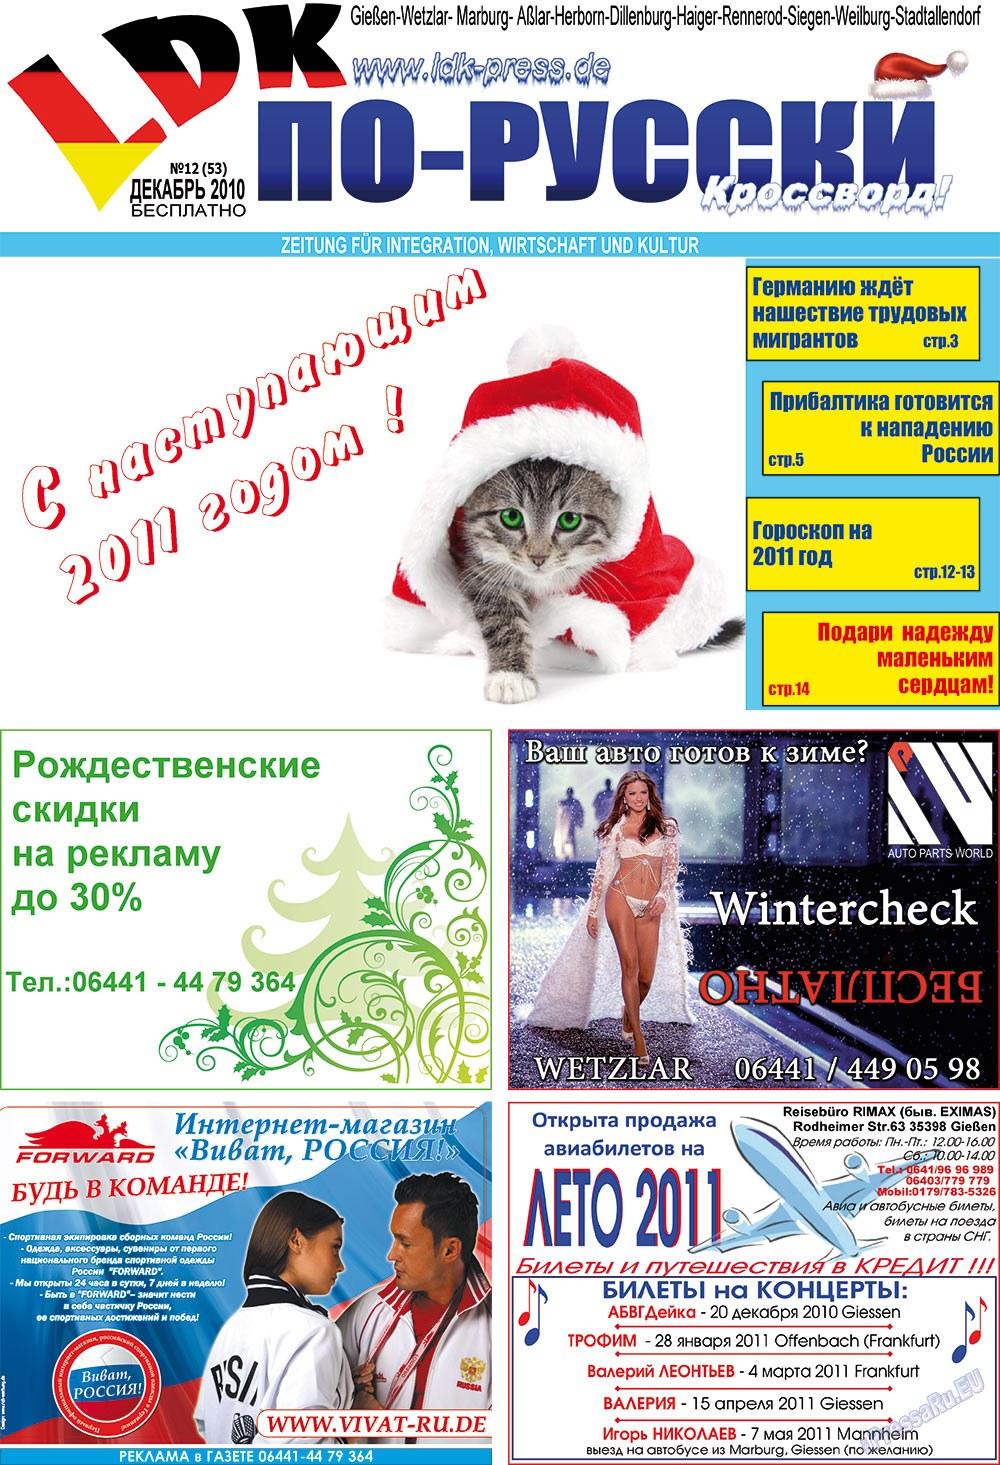 LDK по-русски (газета). 2010 год, номер 12, стр. 1